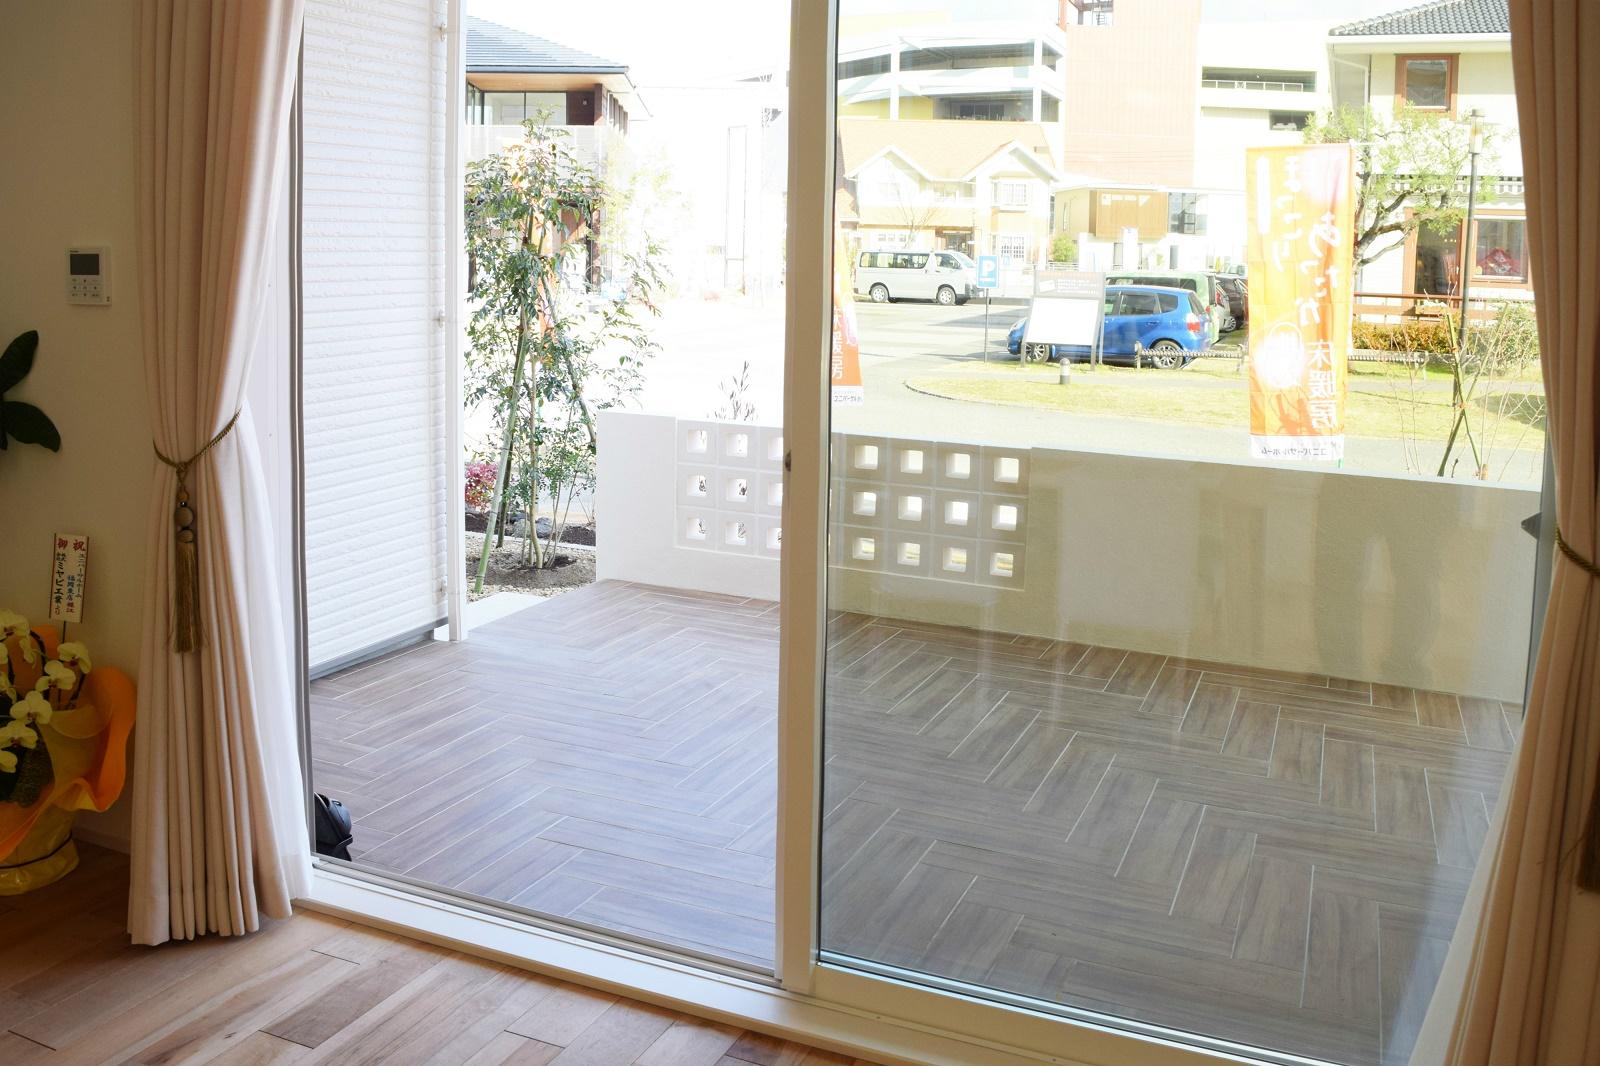 DKからつながるウッドデッキ調の大型テラスは、屋根付きなのでアウトドアリビングとして、使い方のアイデアが広がります。